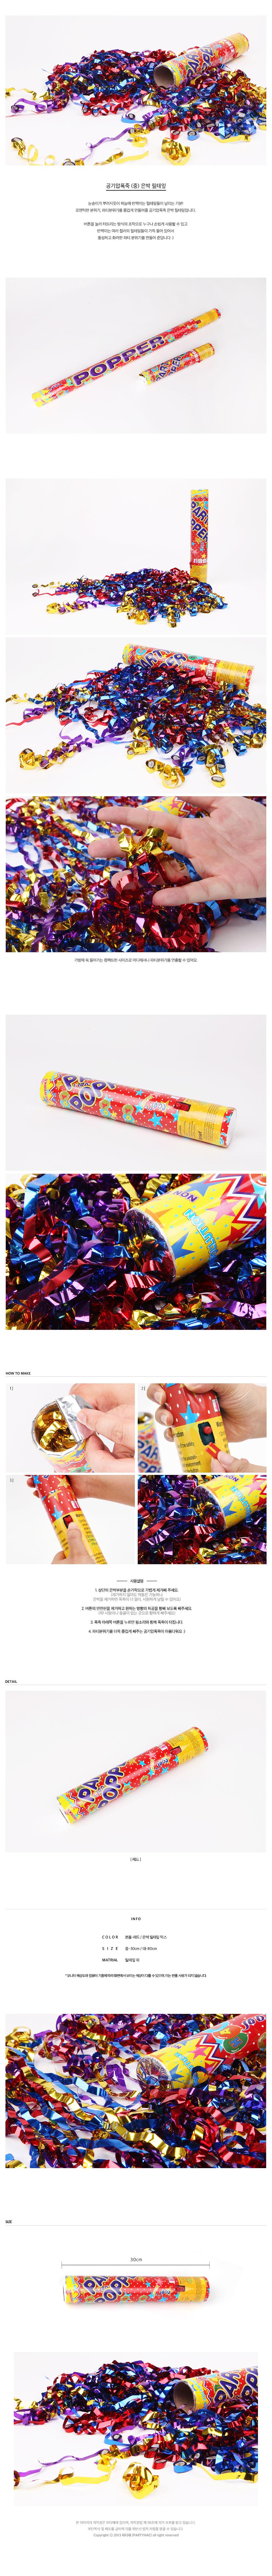 공기압폭죽 (중) 은박 릴테잎 - 파티해, 6,000원, 파티용품, 양초/폭죽